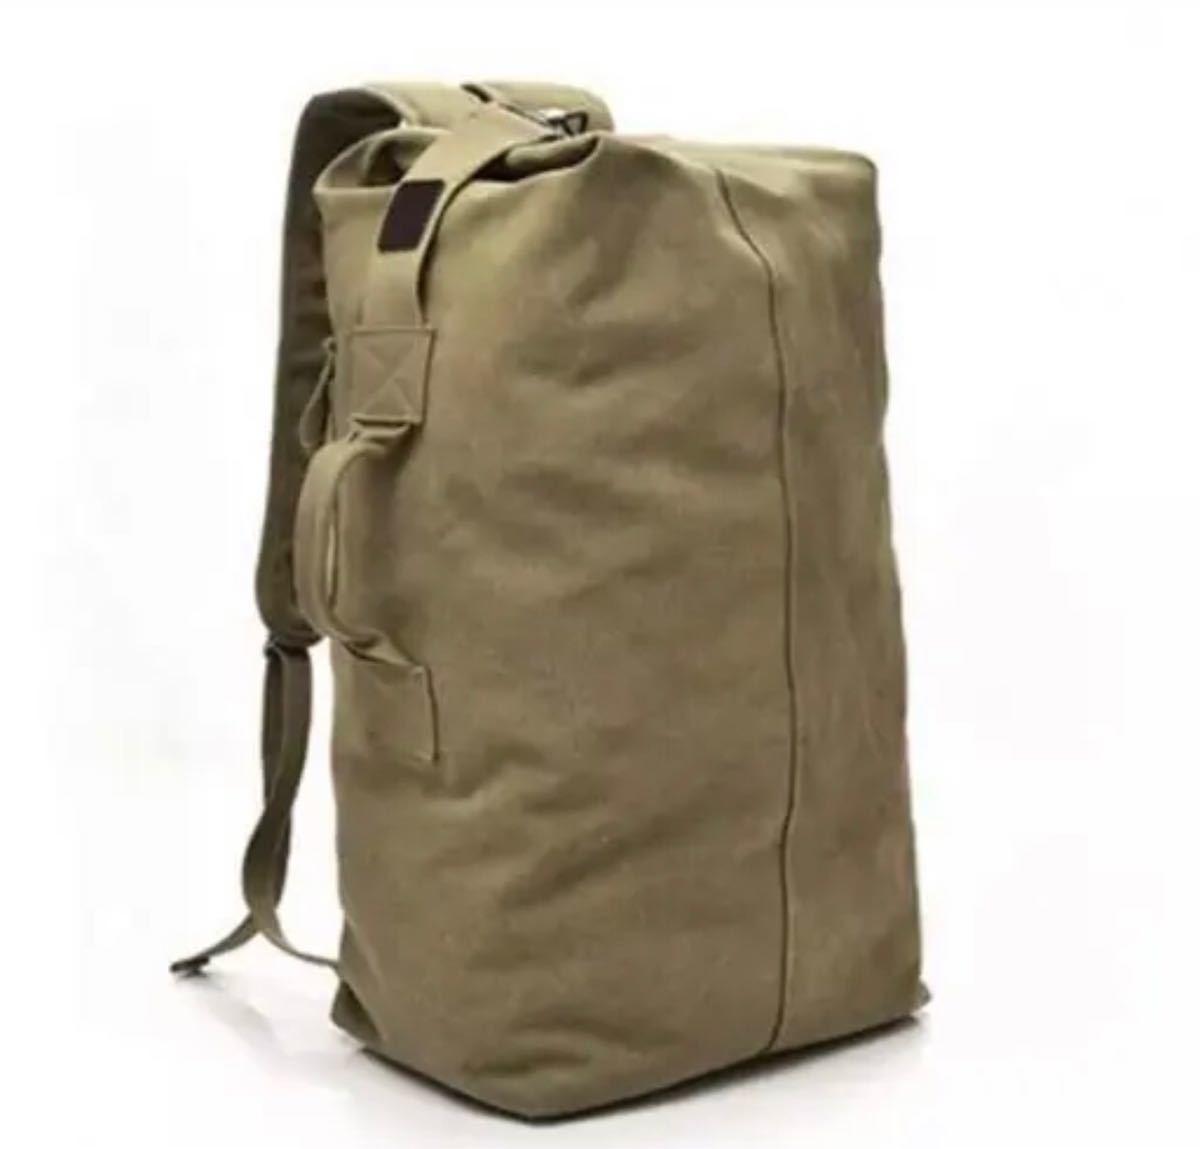 アウトドアバッグ バックパック リュックサック 薪バッグ キャンプ用品 キャンプ サイクリングバッグ